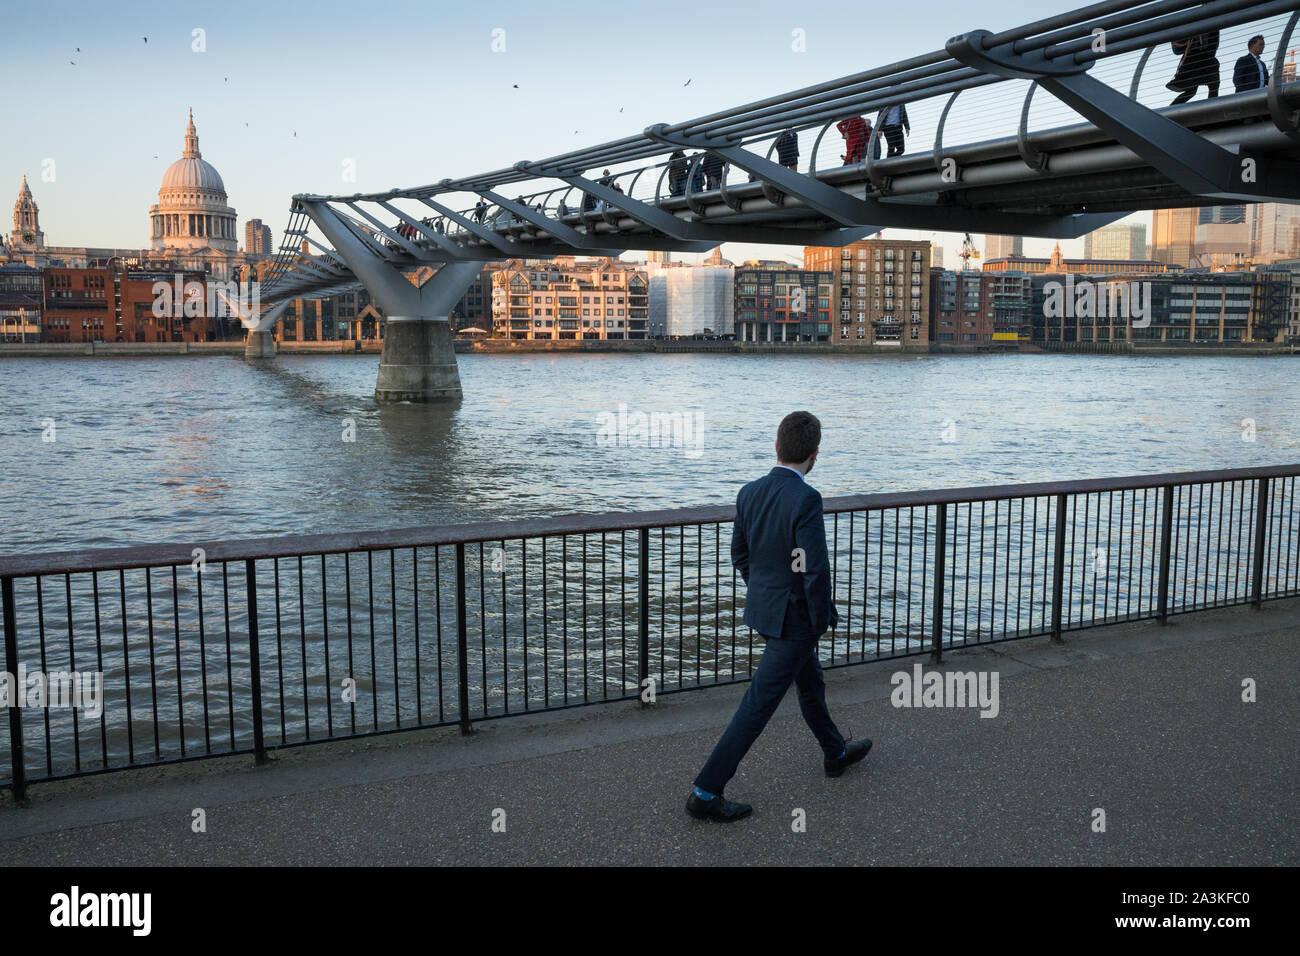 Les piétons circulant sur la rive sud de la Tamise au-delà du Millenium Bridge avec la Cathédrale de St Paul, au-delà, Londres, Angleterre, Royaume-Uni Banque D'Images